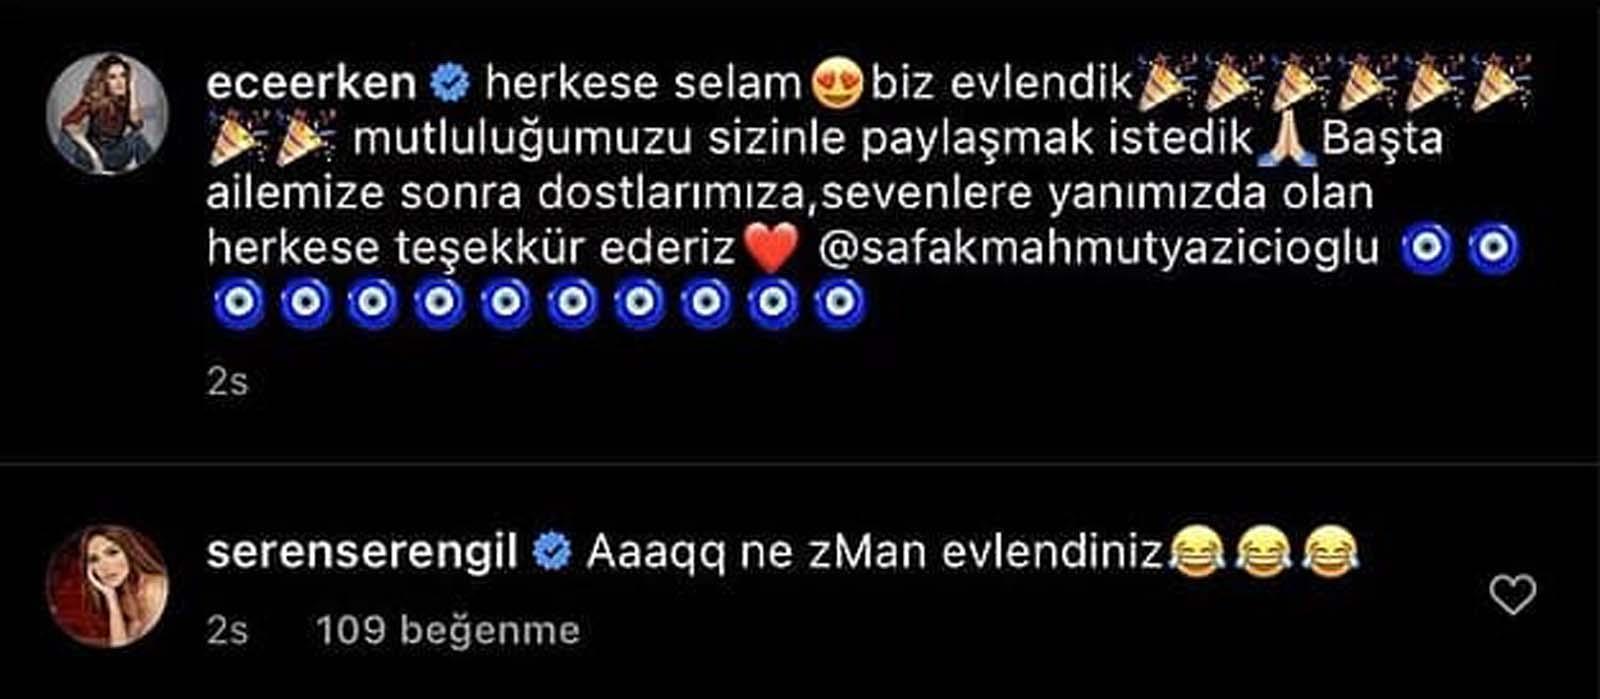 Ece Erken'in Şafak Mahmutyazıcıoğlu ile evlenmesine Seren Serengil'den şoke eden yorum!